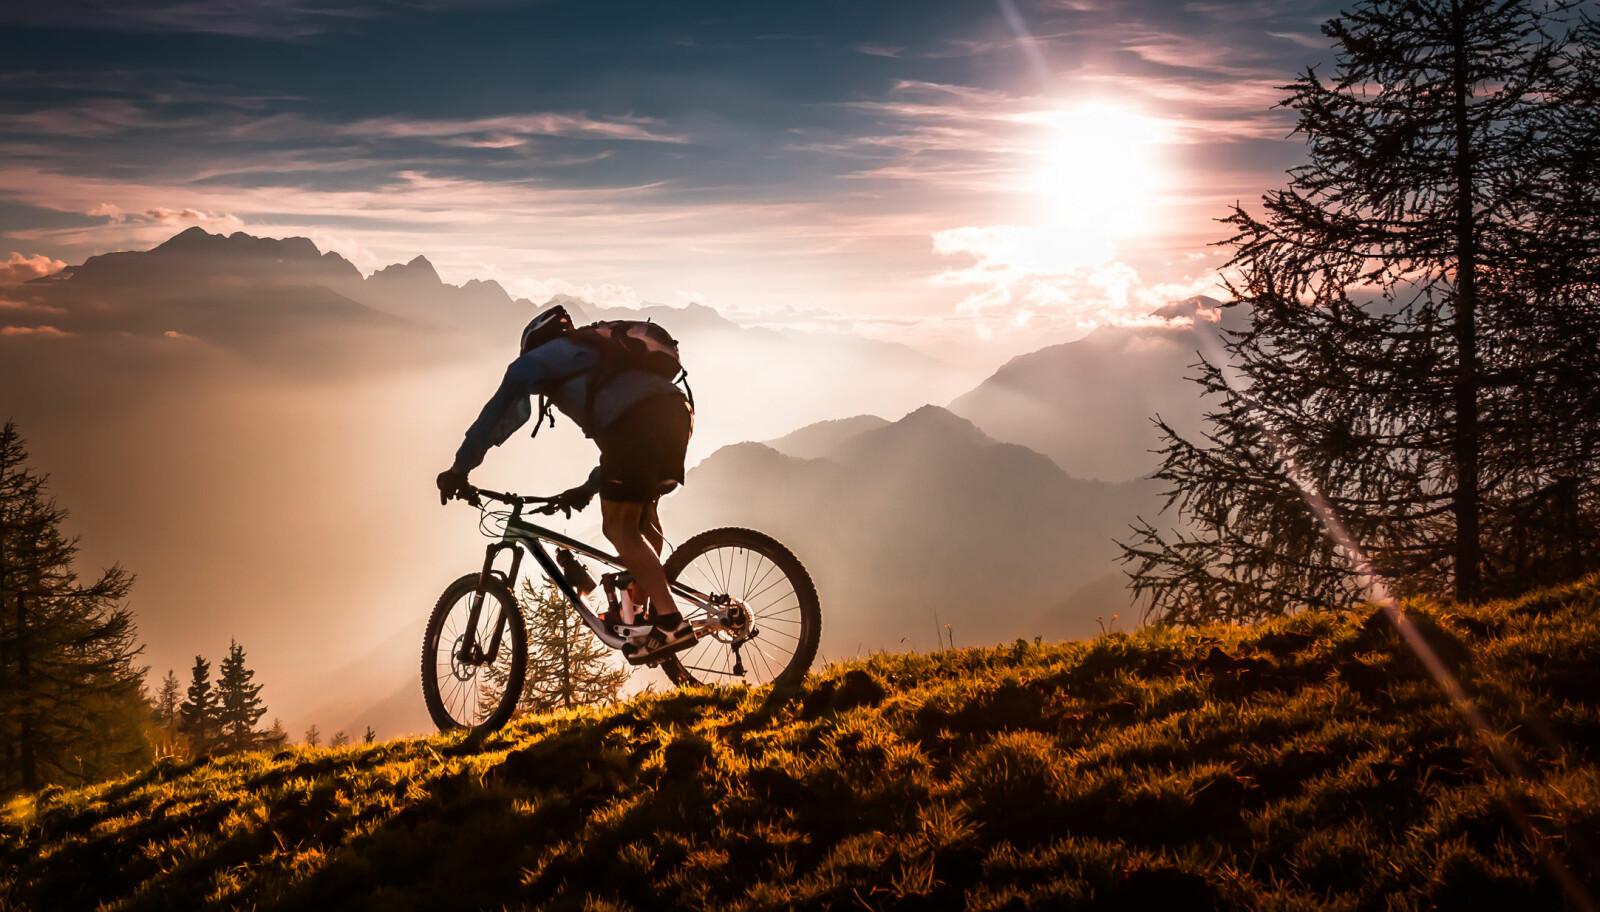 <b>GJØR NOE ANNET:</b> Trener du for ensidig? Gjør noe annet. En rolig sykkeltur eller en annen aktivitet med lav intensitet kan gi deg treningsgnisten tilbake.